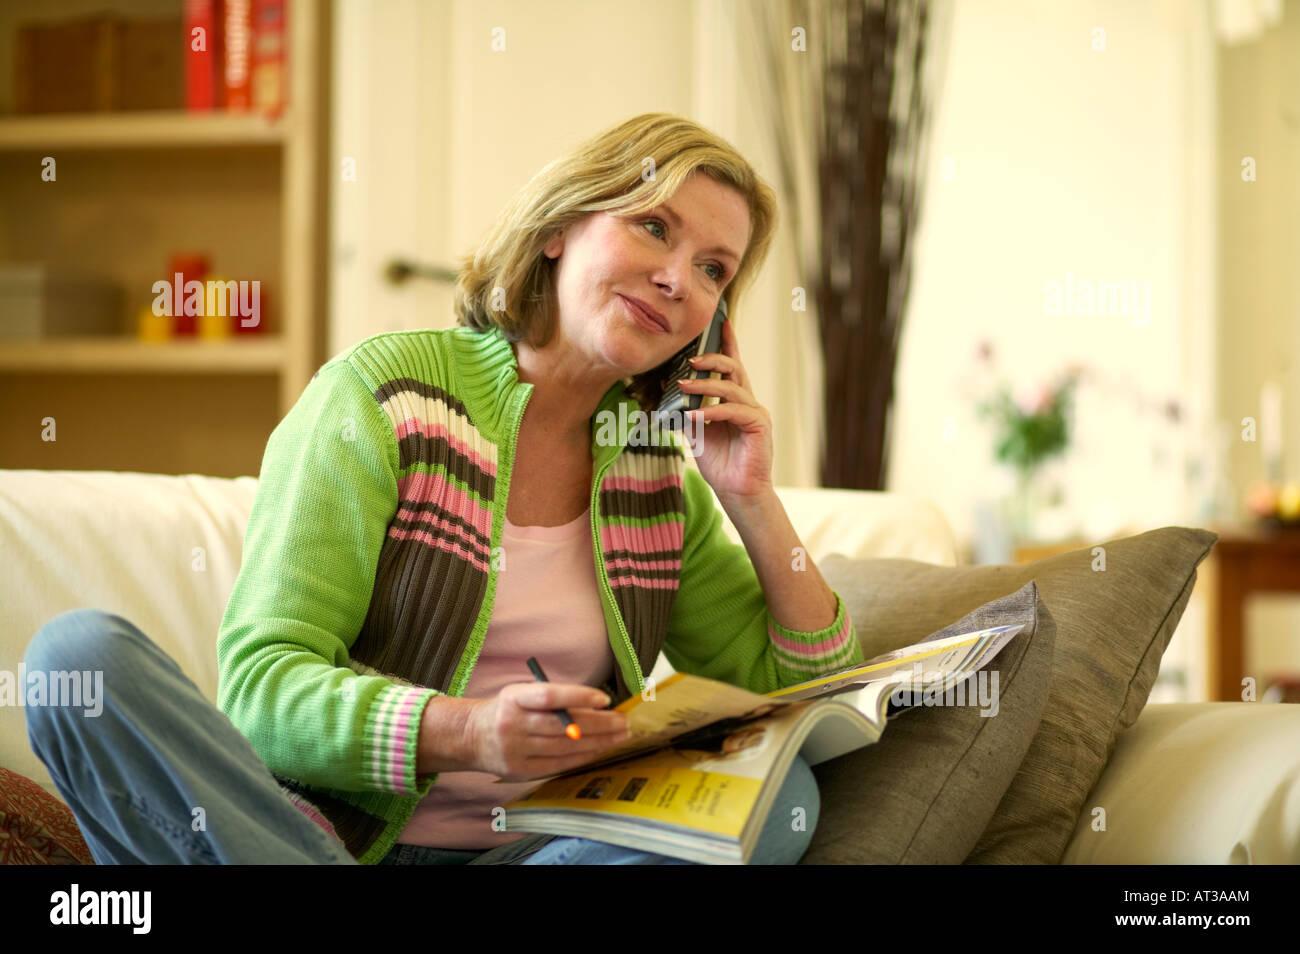 Eine Frau ruft ein Versandhandel einkaufen Unternehmen am Telefon Stockbild